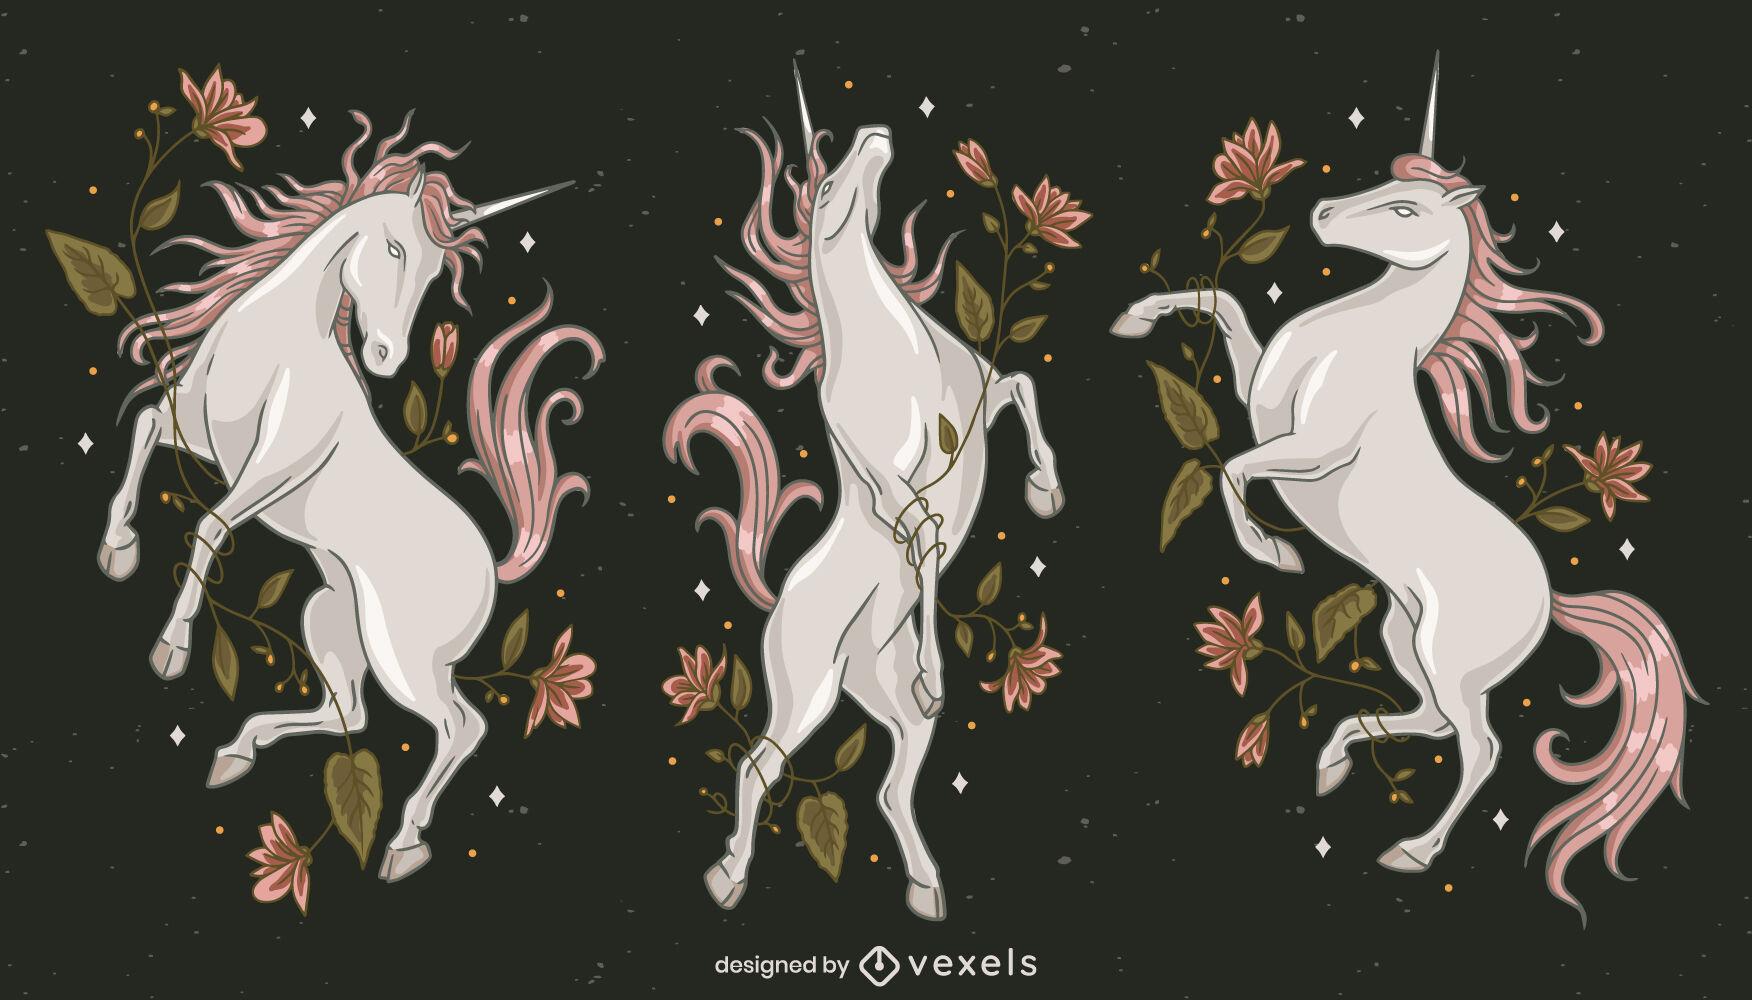 Conjunto de ilustración mágica de criatura unicornio